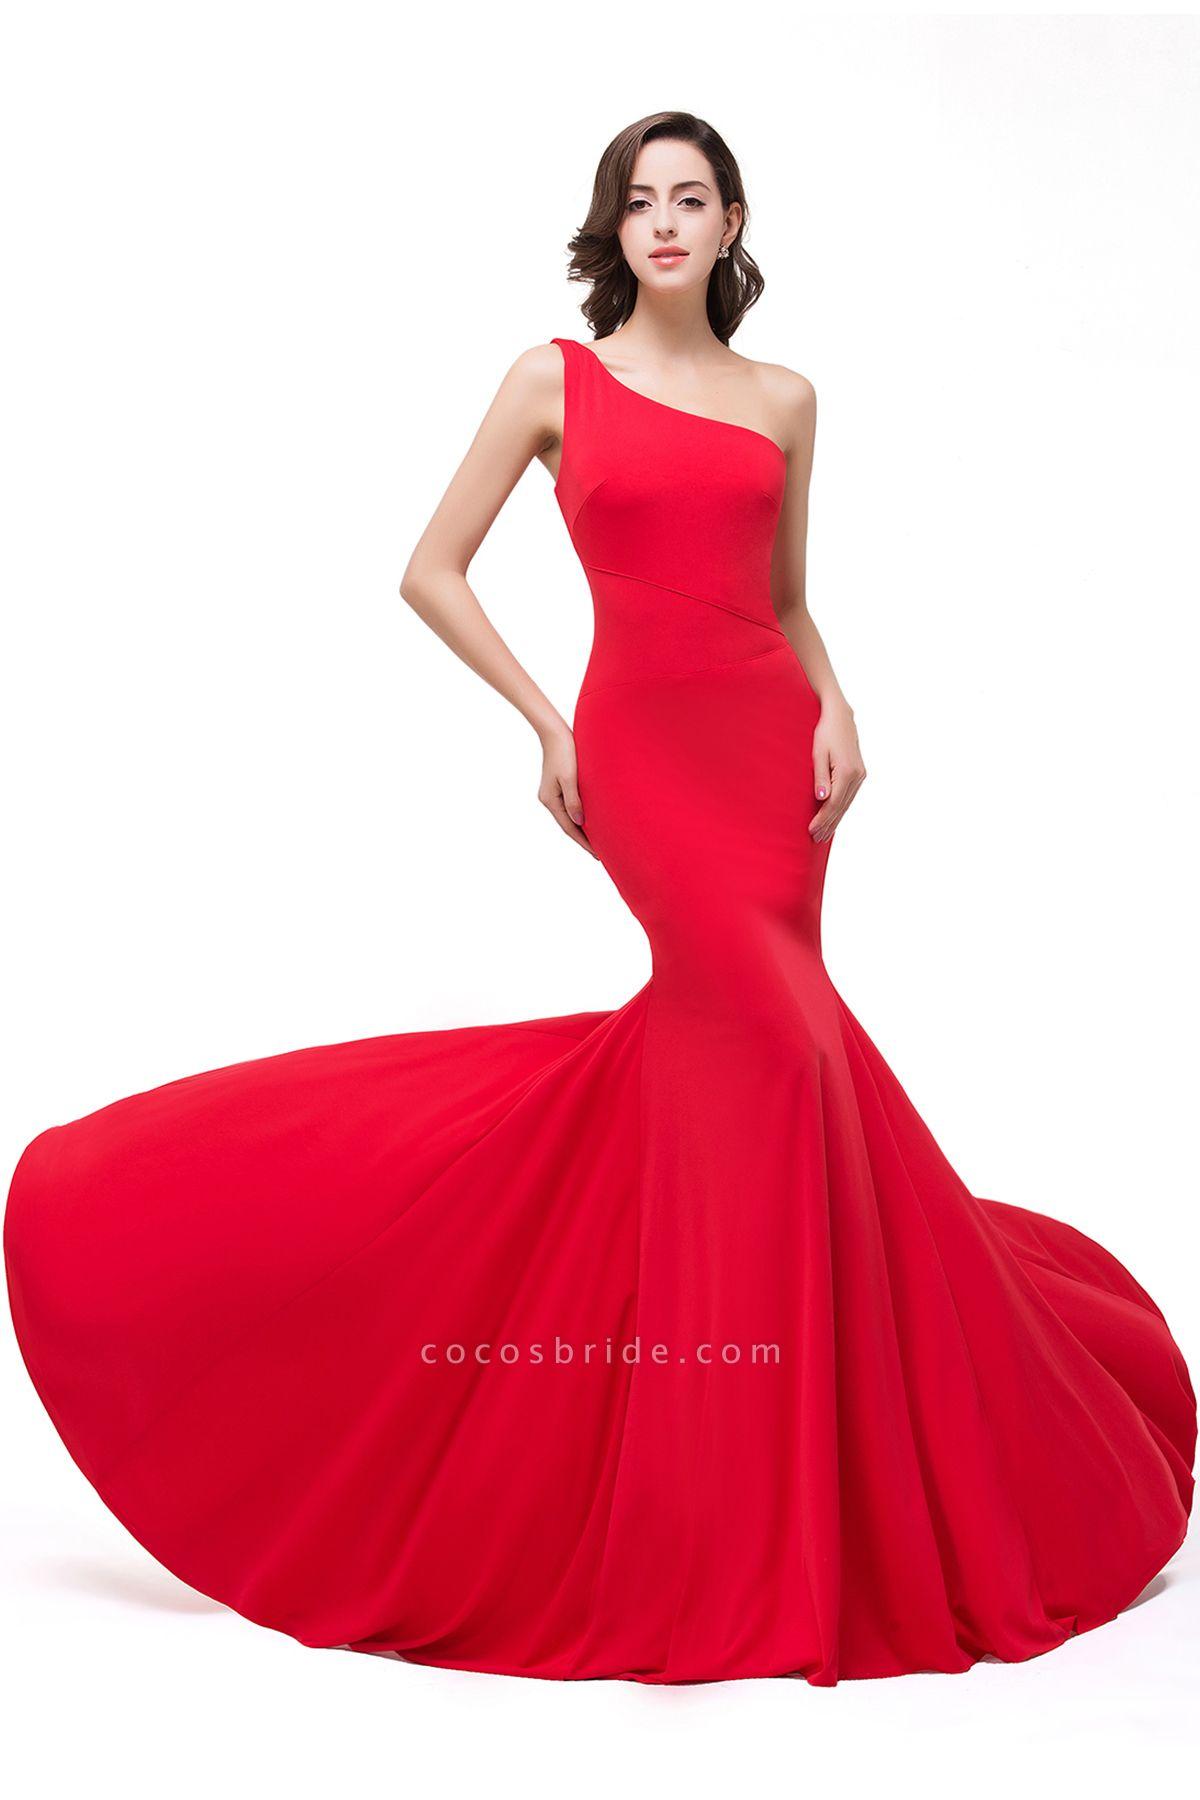 EMMALYN | Mermaid One-Shoulder Floor Length Red Prom Dresses